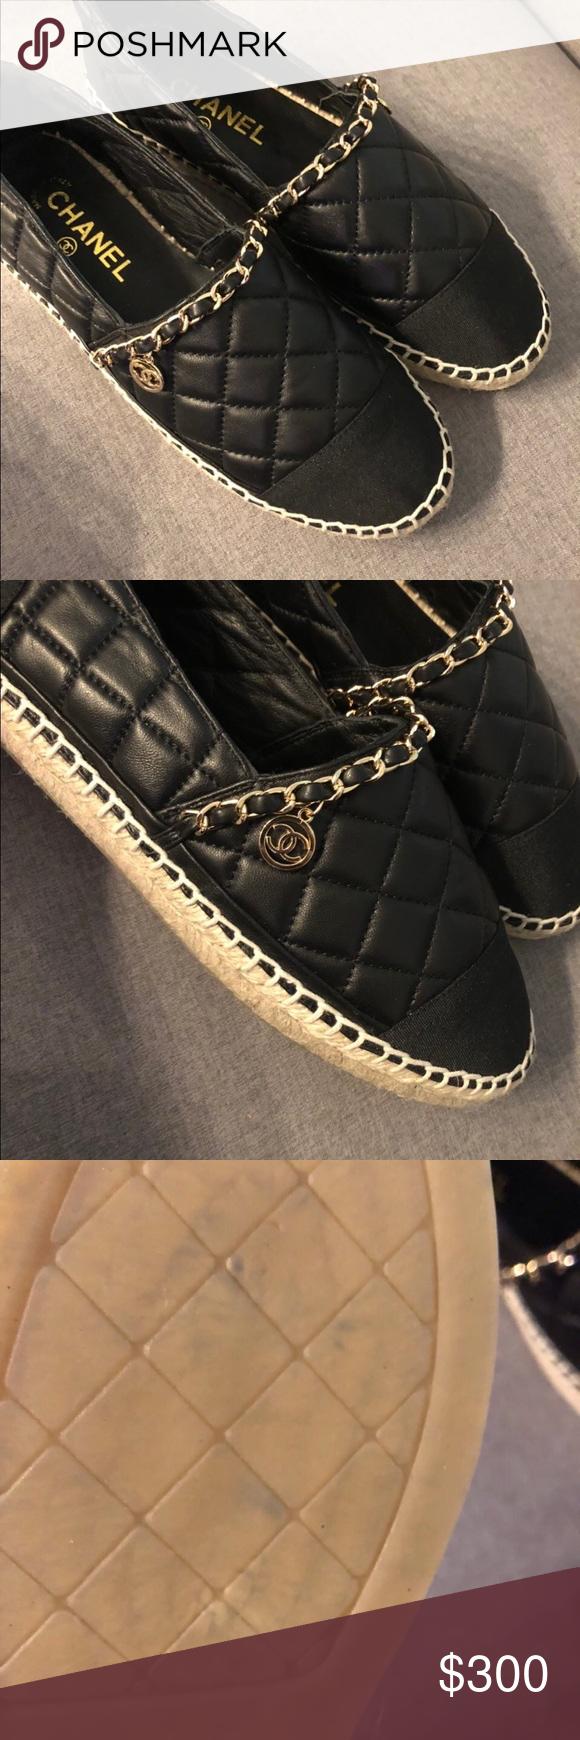 1d04169d91b Chanel espadrilles Chanel chain   CC logo charm black espadrilles. Genuine  leather